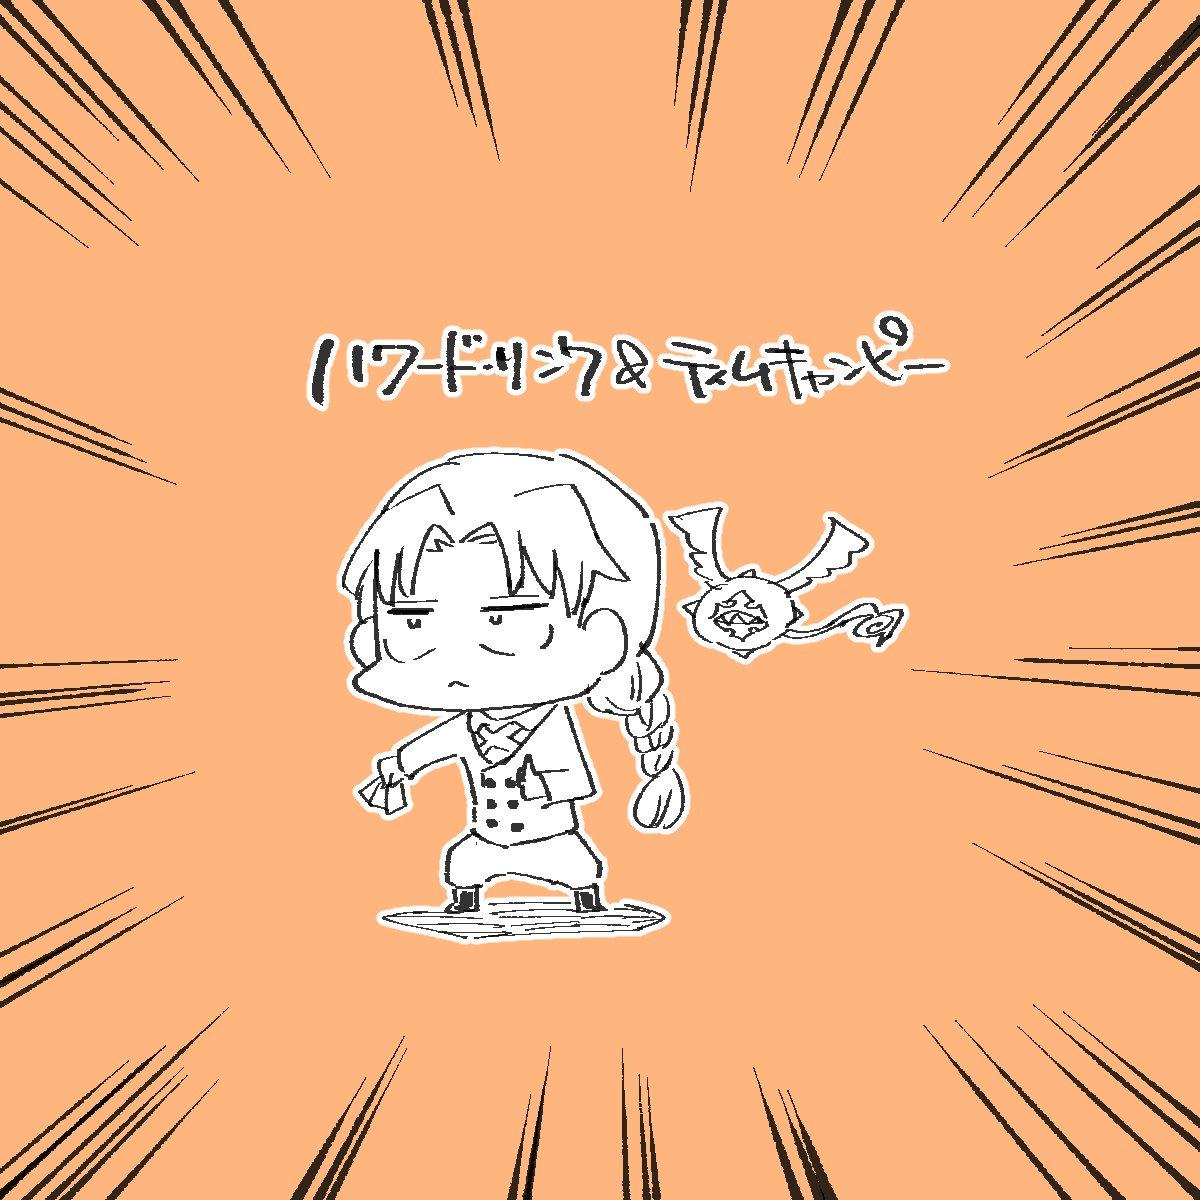 【リクエスト】Dグレのハワード・リンクとティムキャンピーお願いします!